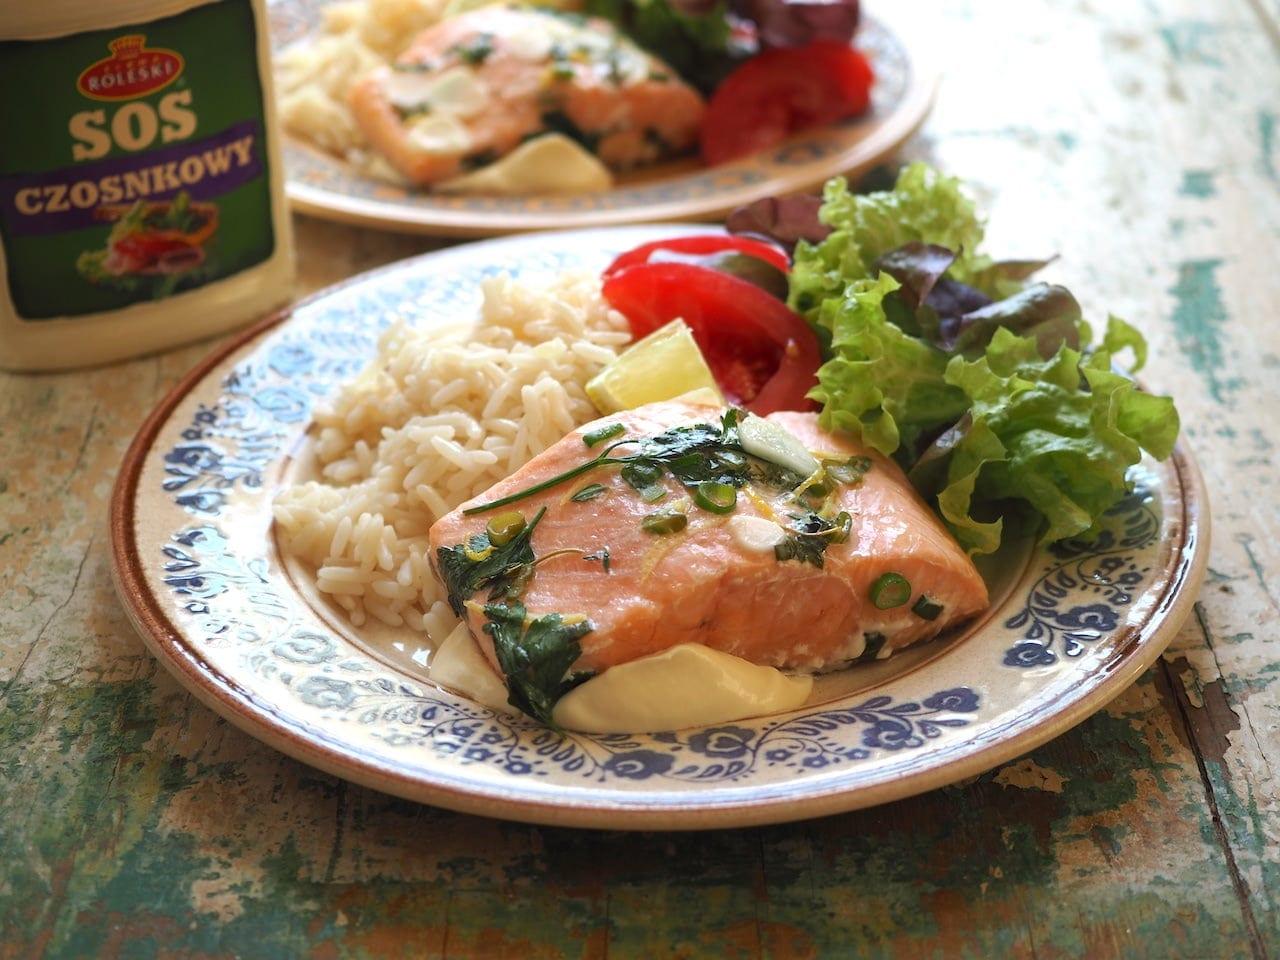 Ryba w papilotach z sosem czosnkowym